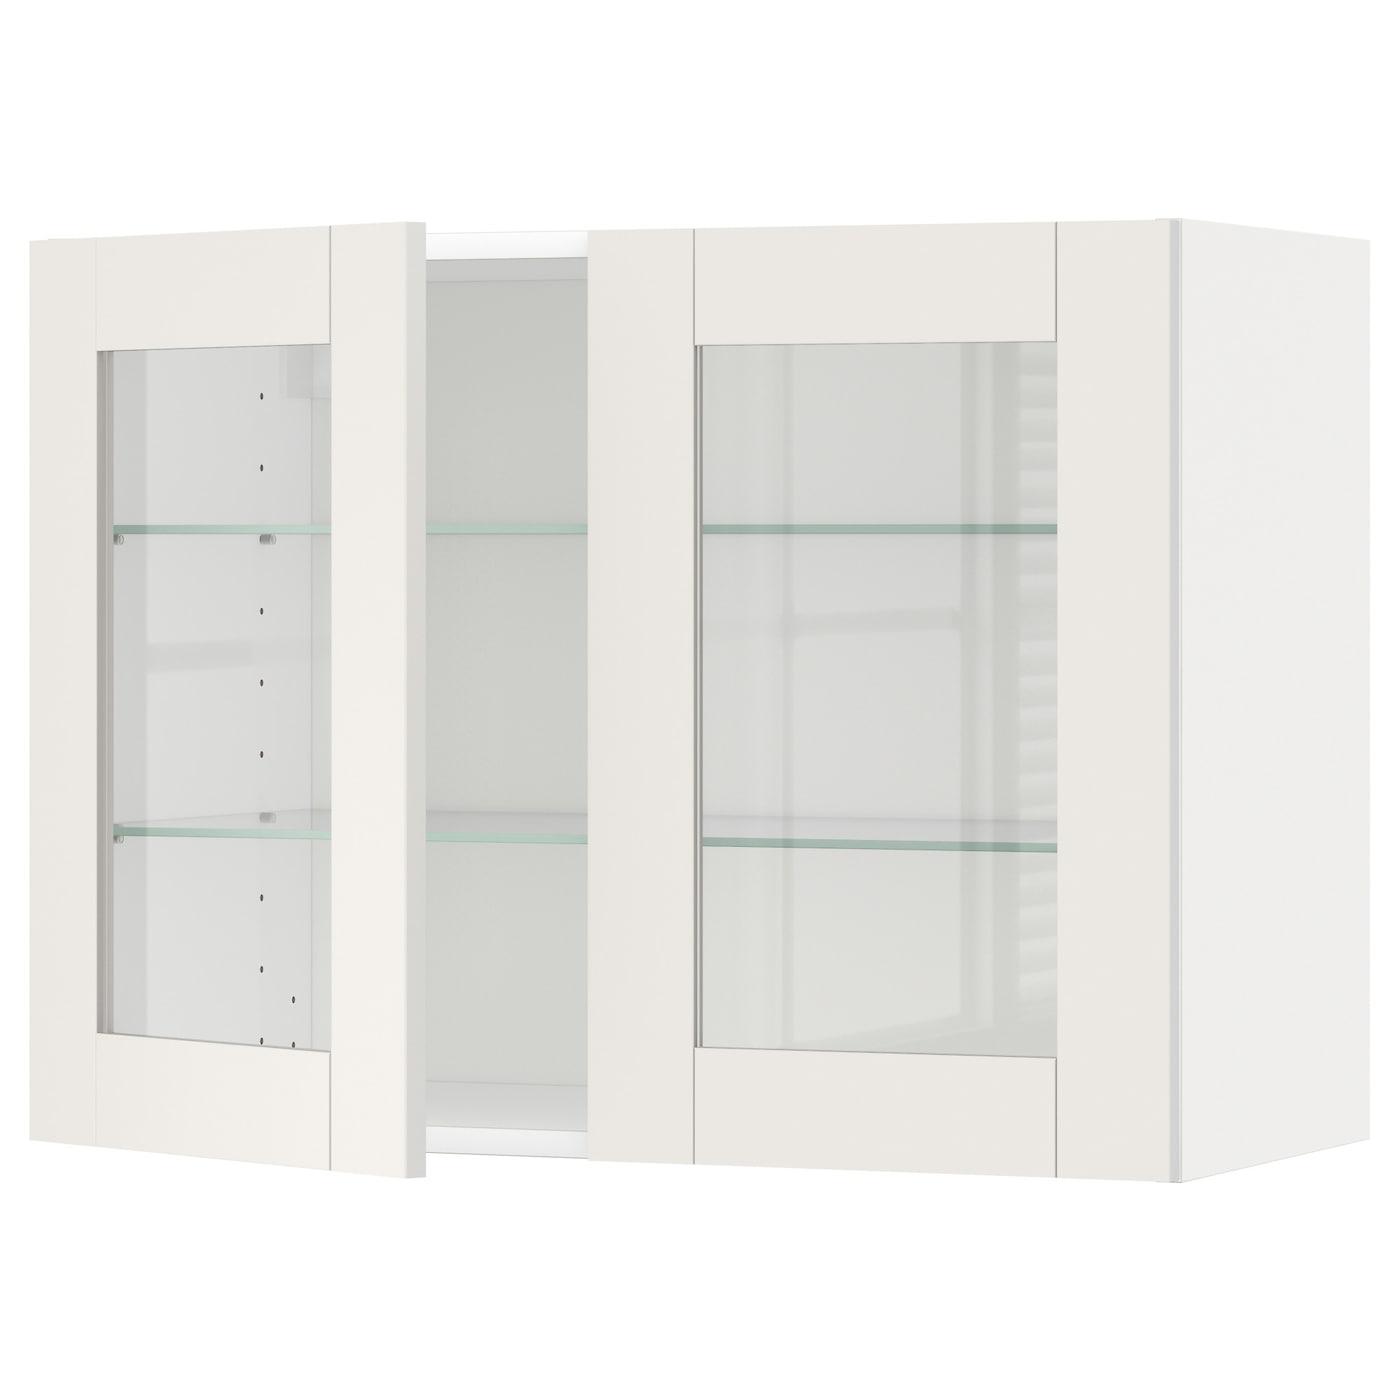 METOD, Wandschrank mit Böden/2 Glastüren, weiß 290.641.24